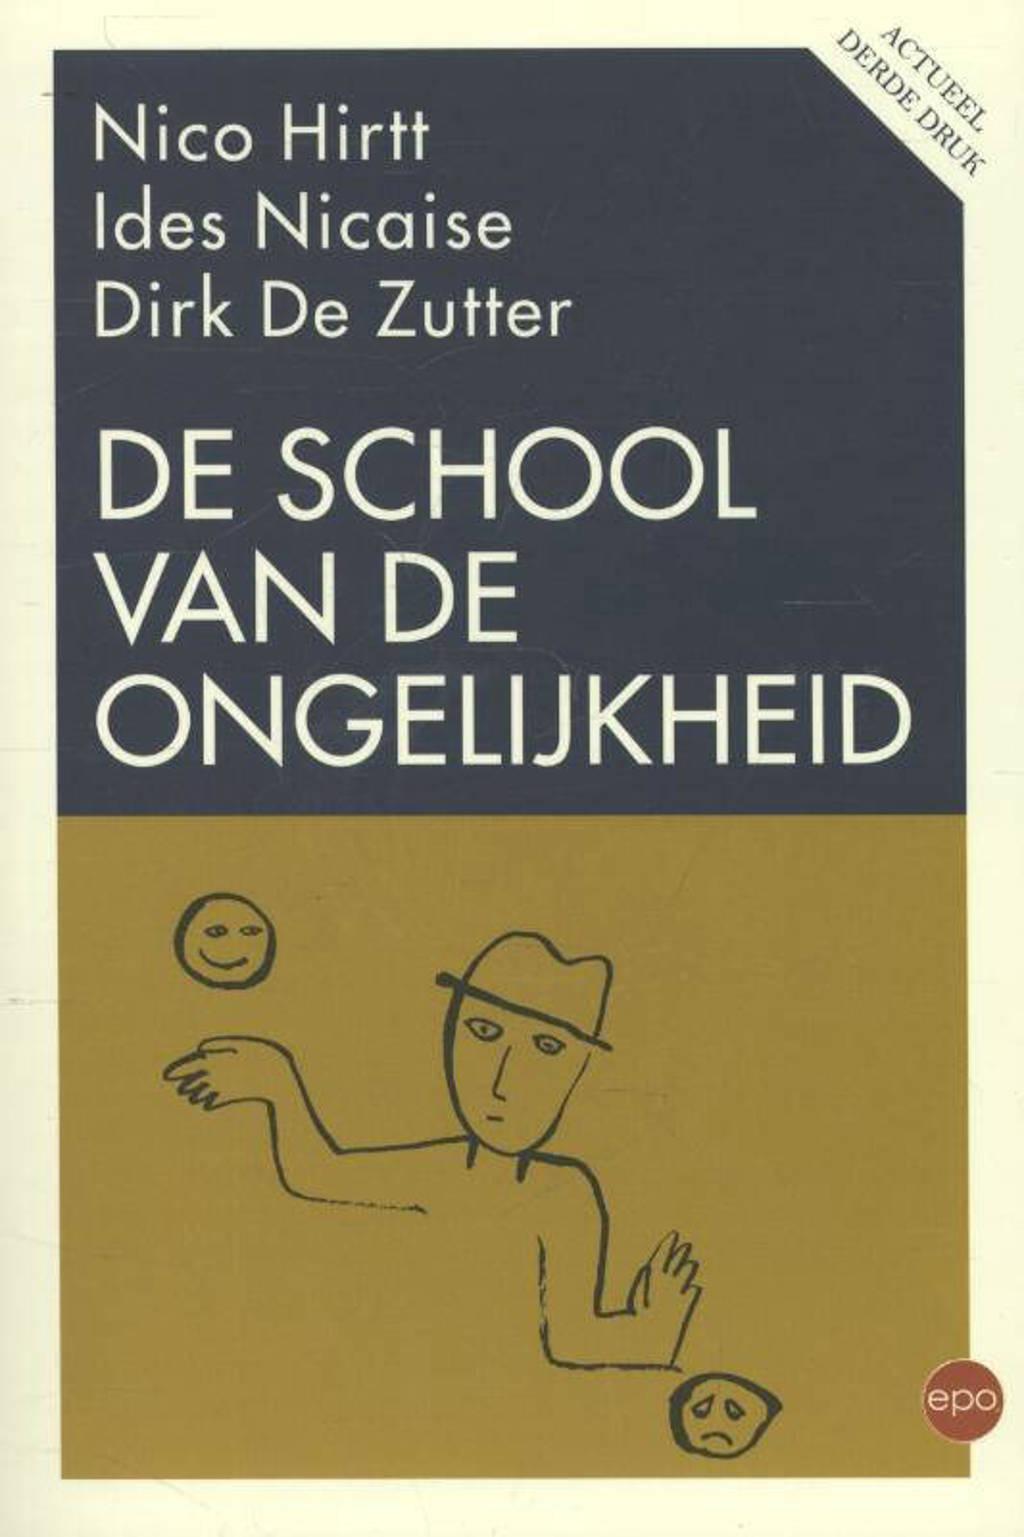 De school van de ongelijkheid - Nico Hirtt, Ides Nicaise en Dirk De Zutter